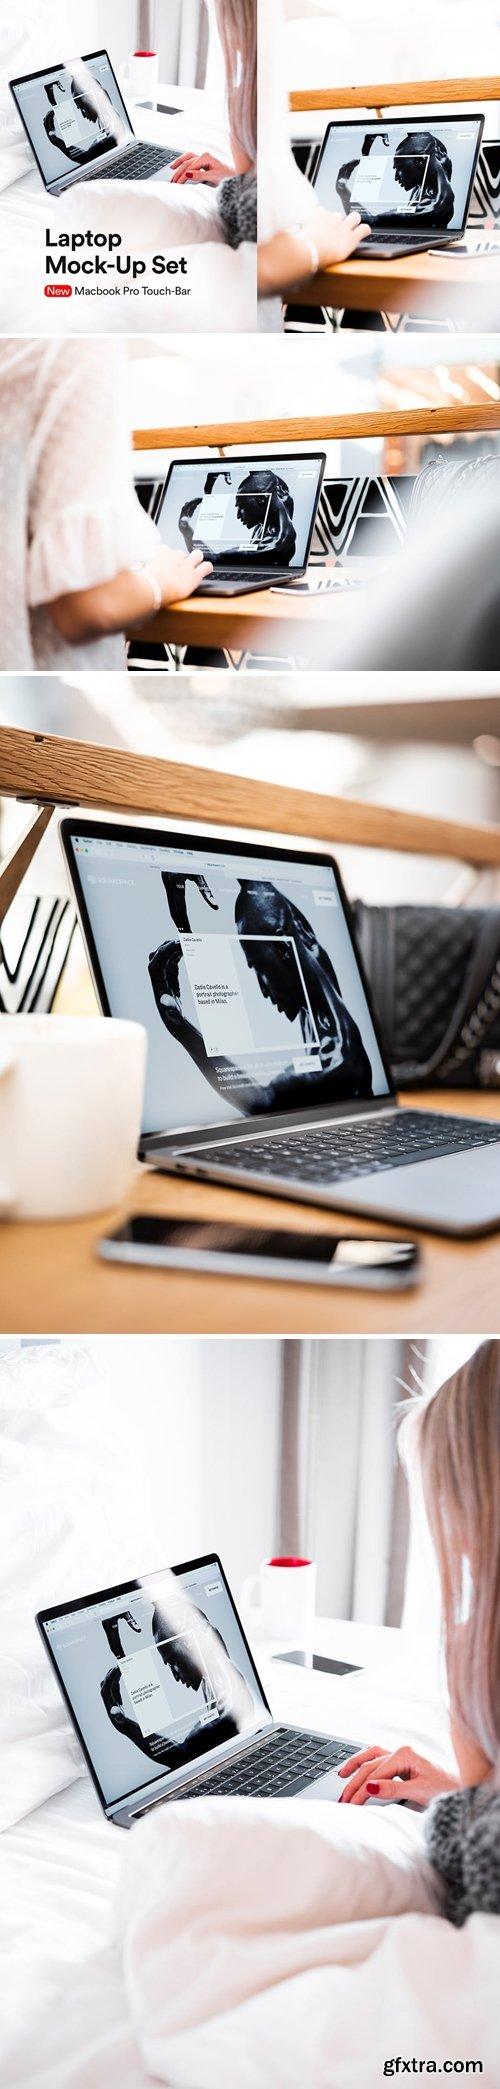 Macbook Pro Mock Up